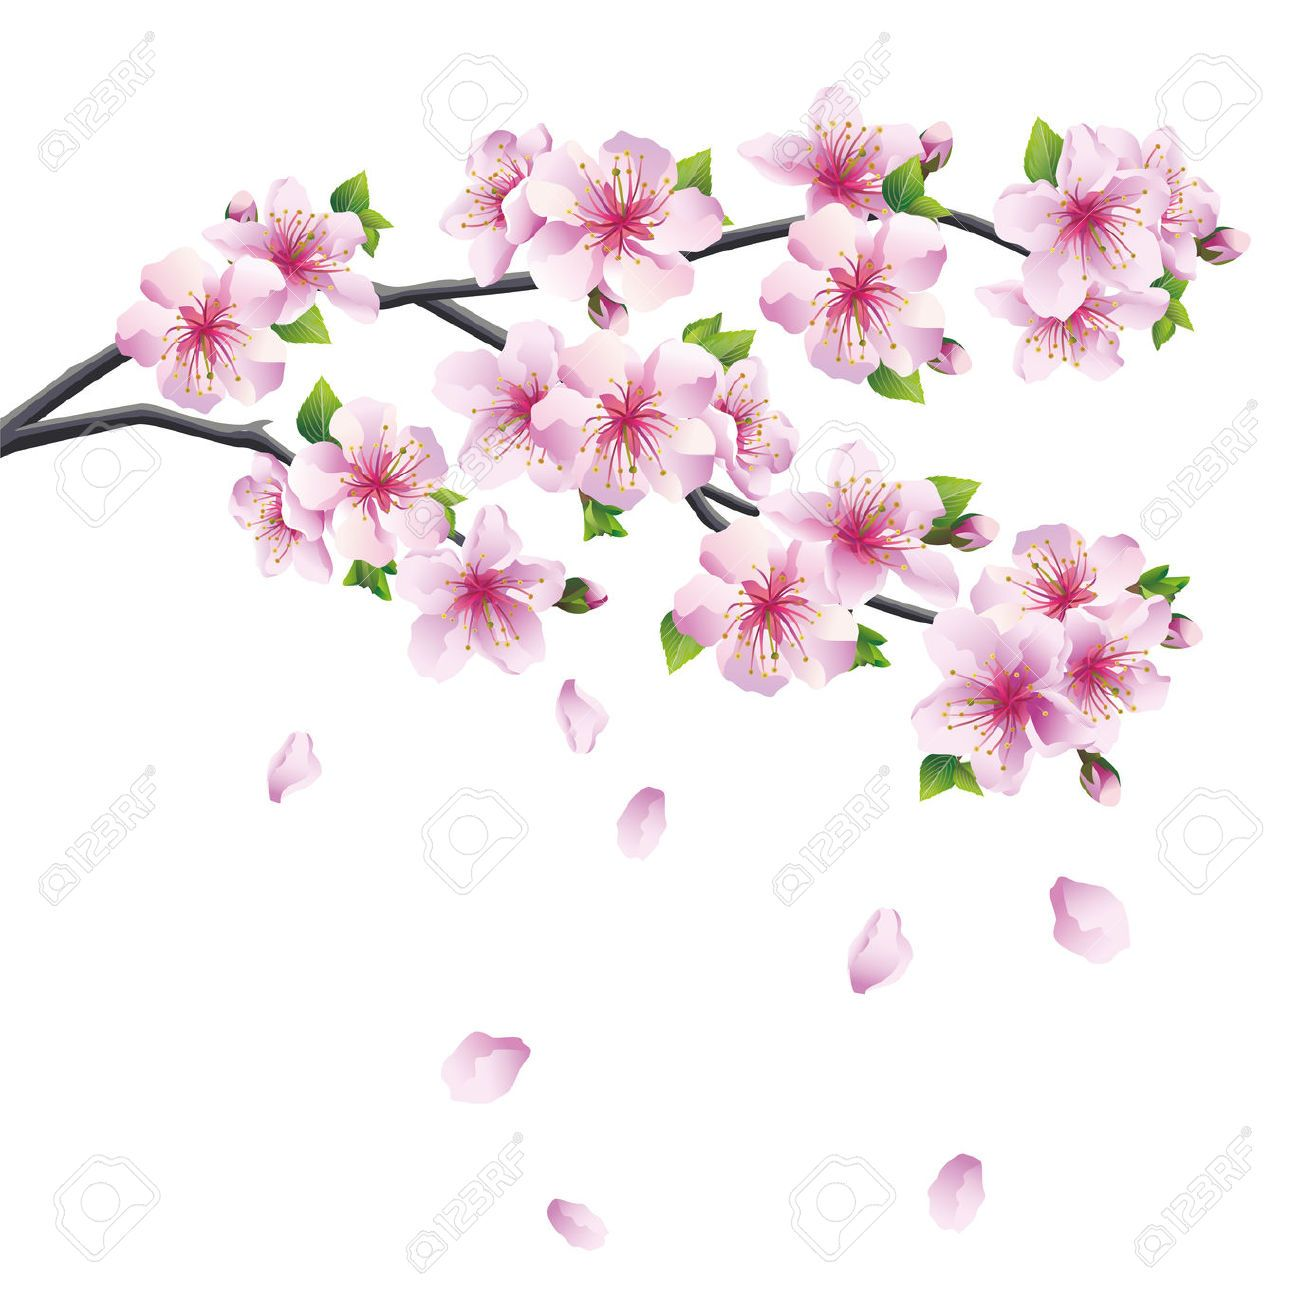 Dessin fleur de cerisier banque d 39 images vecteurs et - Dessin tatouage fleur ...